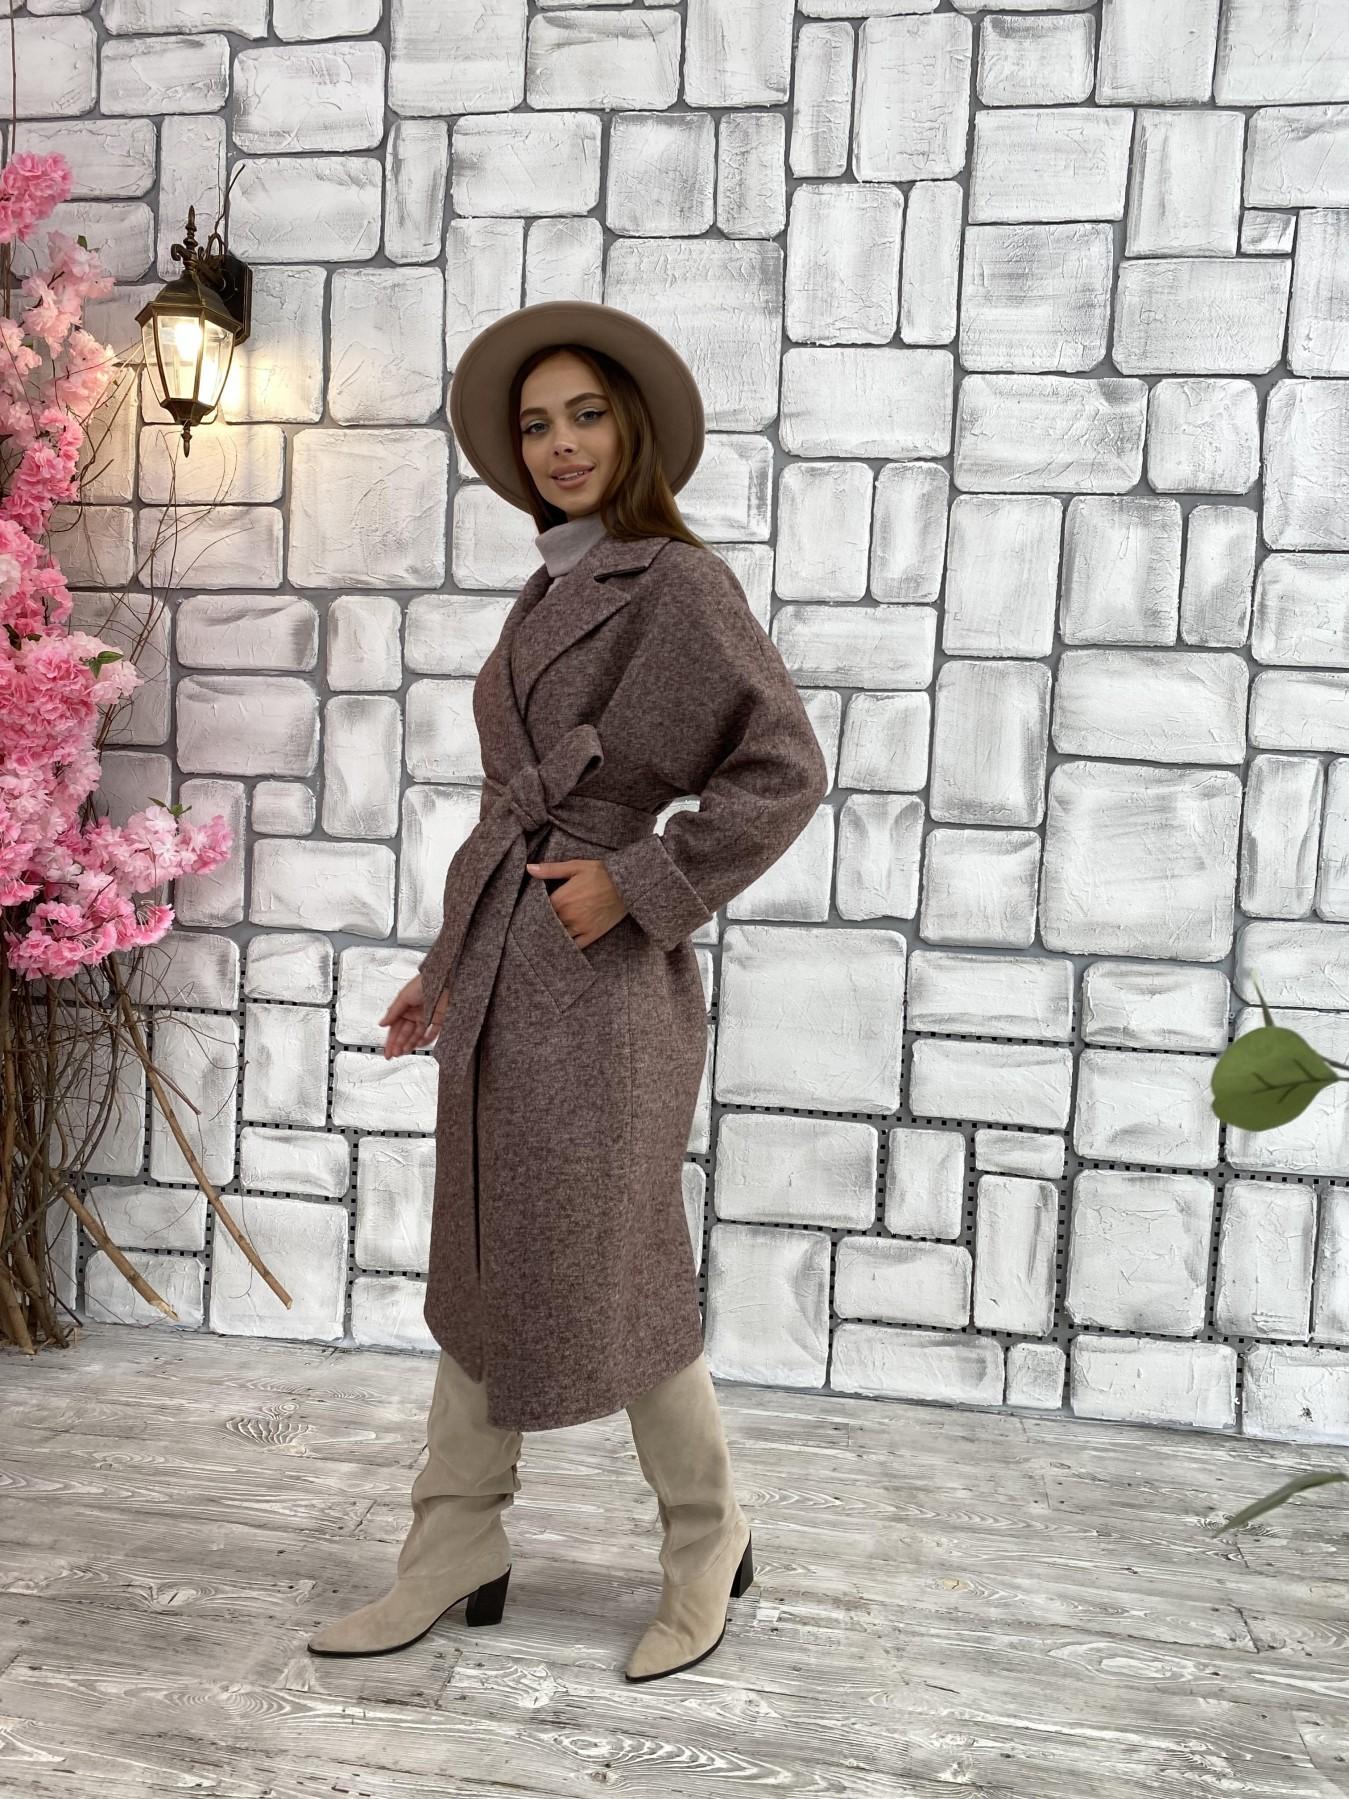 Влада шерсть варенка ткань пальто 11639 АРТ. 48350 Цвет: Кофе - фото 5, интернет магазин tm-modus.ru